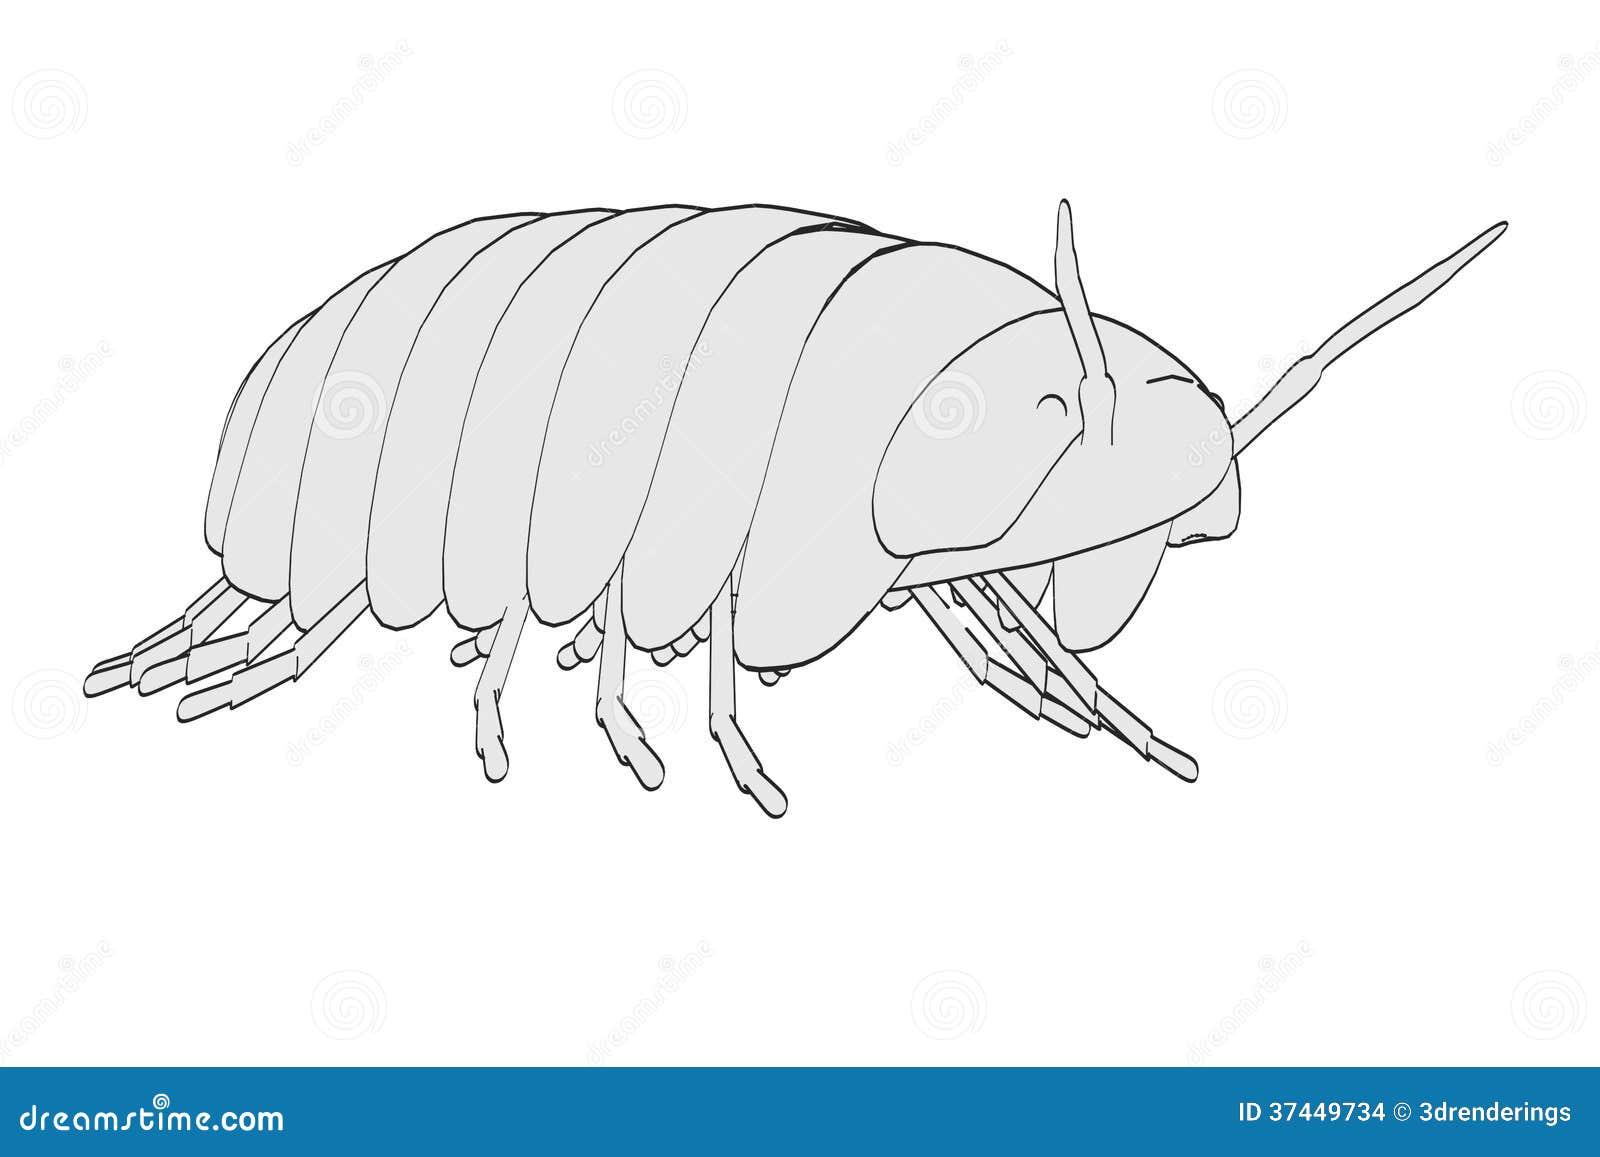 Pill bugs clip art